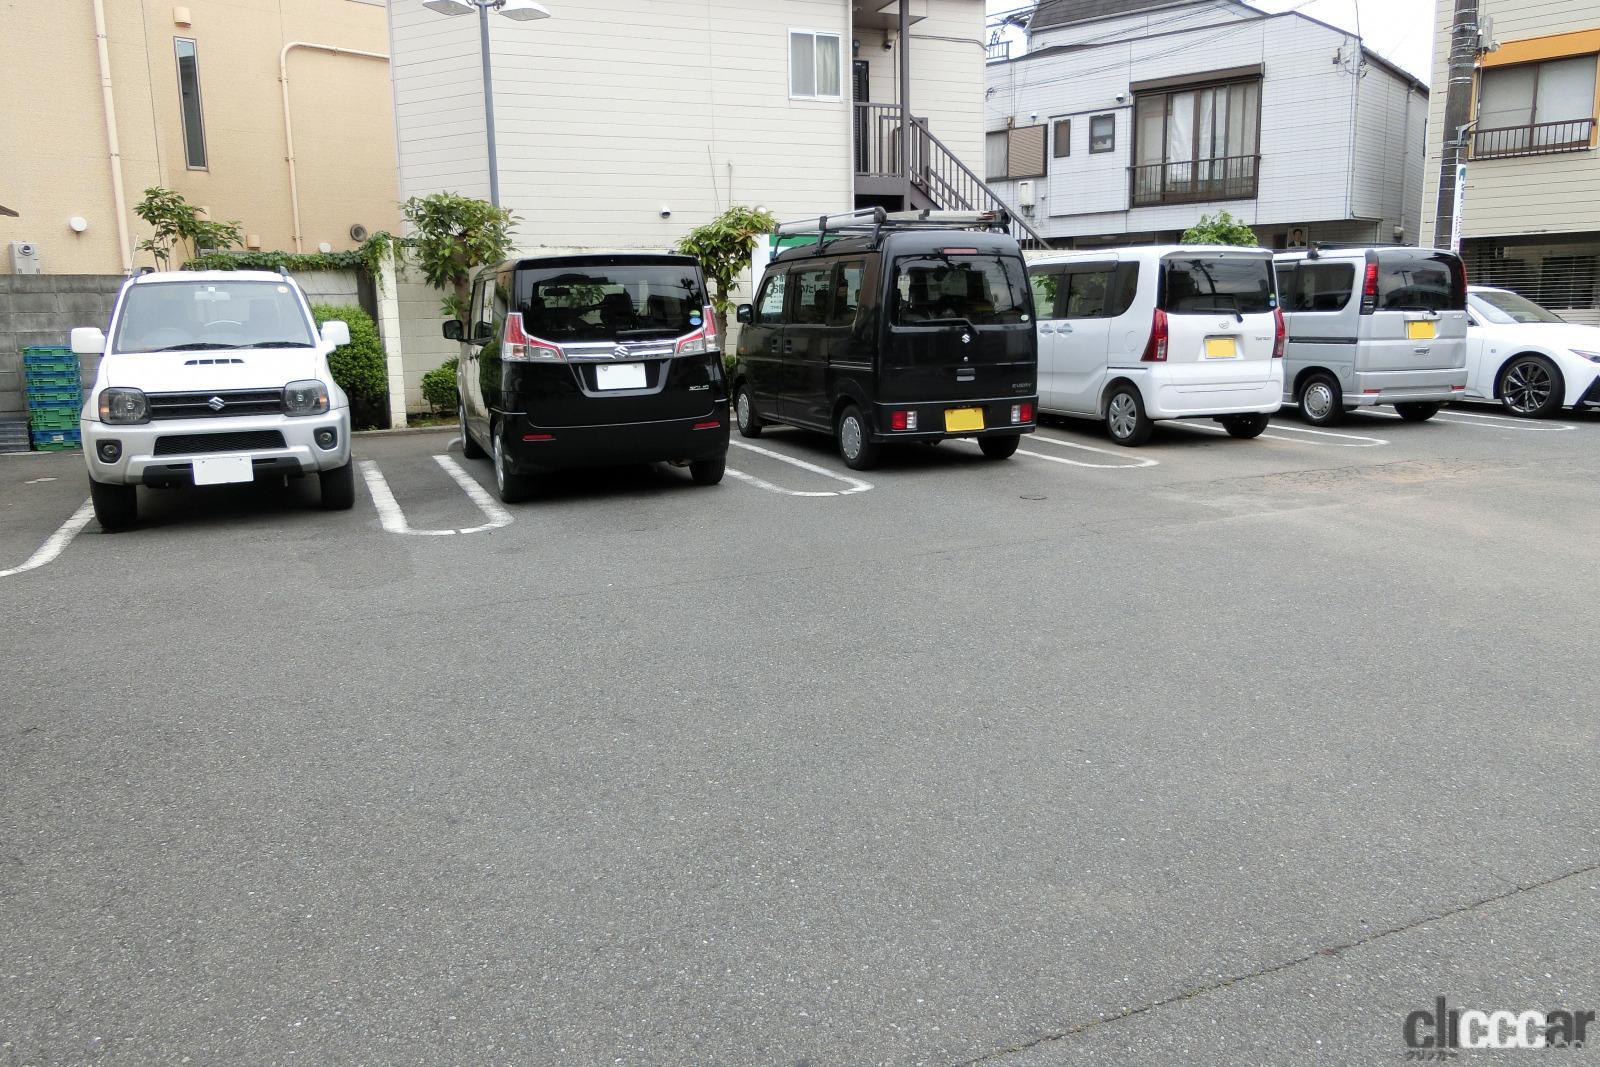 ドアパンチからの当て逃げ、修理、泣き寝入りを避ける駐車スペース選び3つの方法